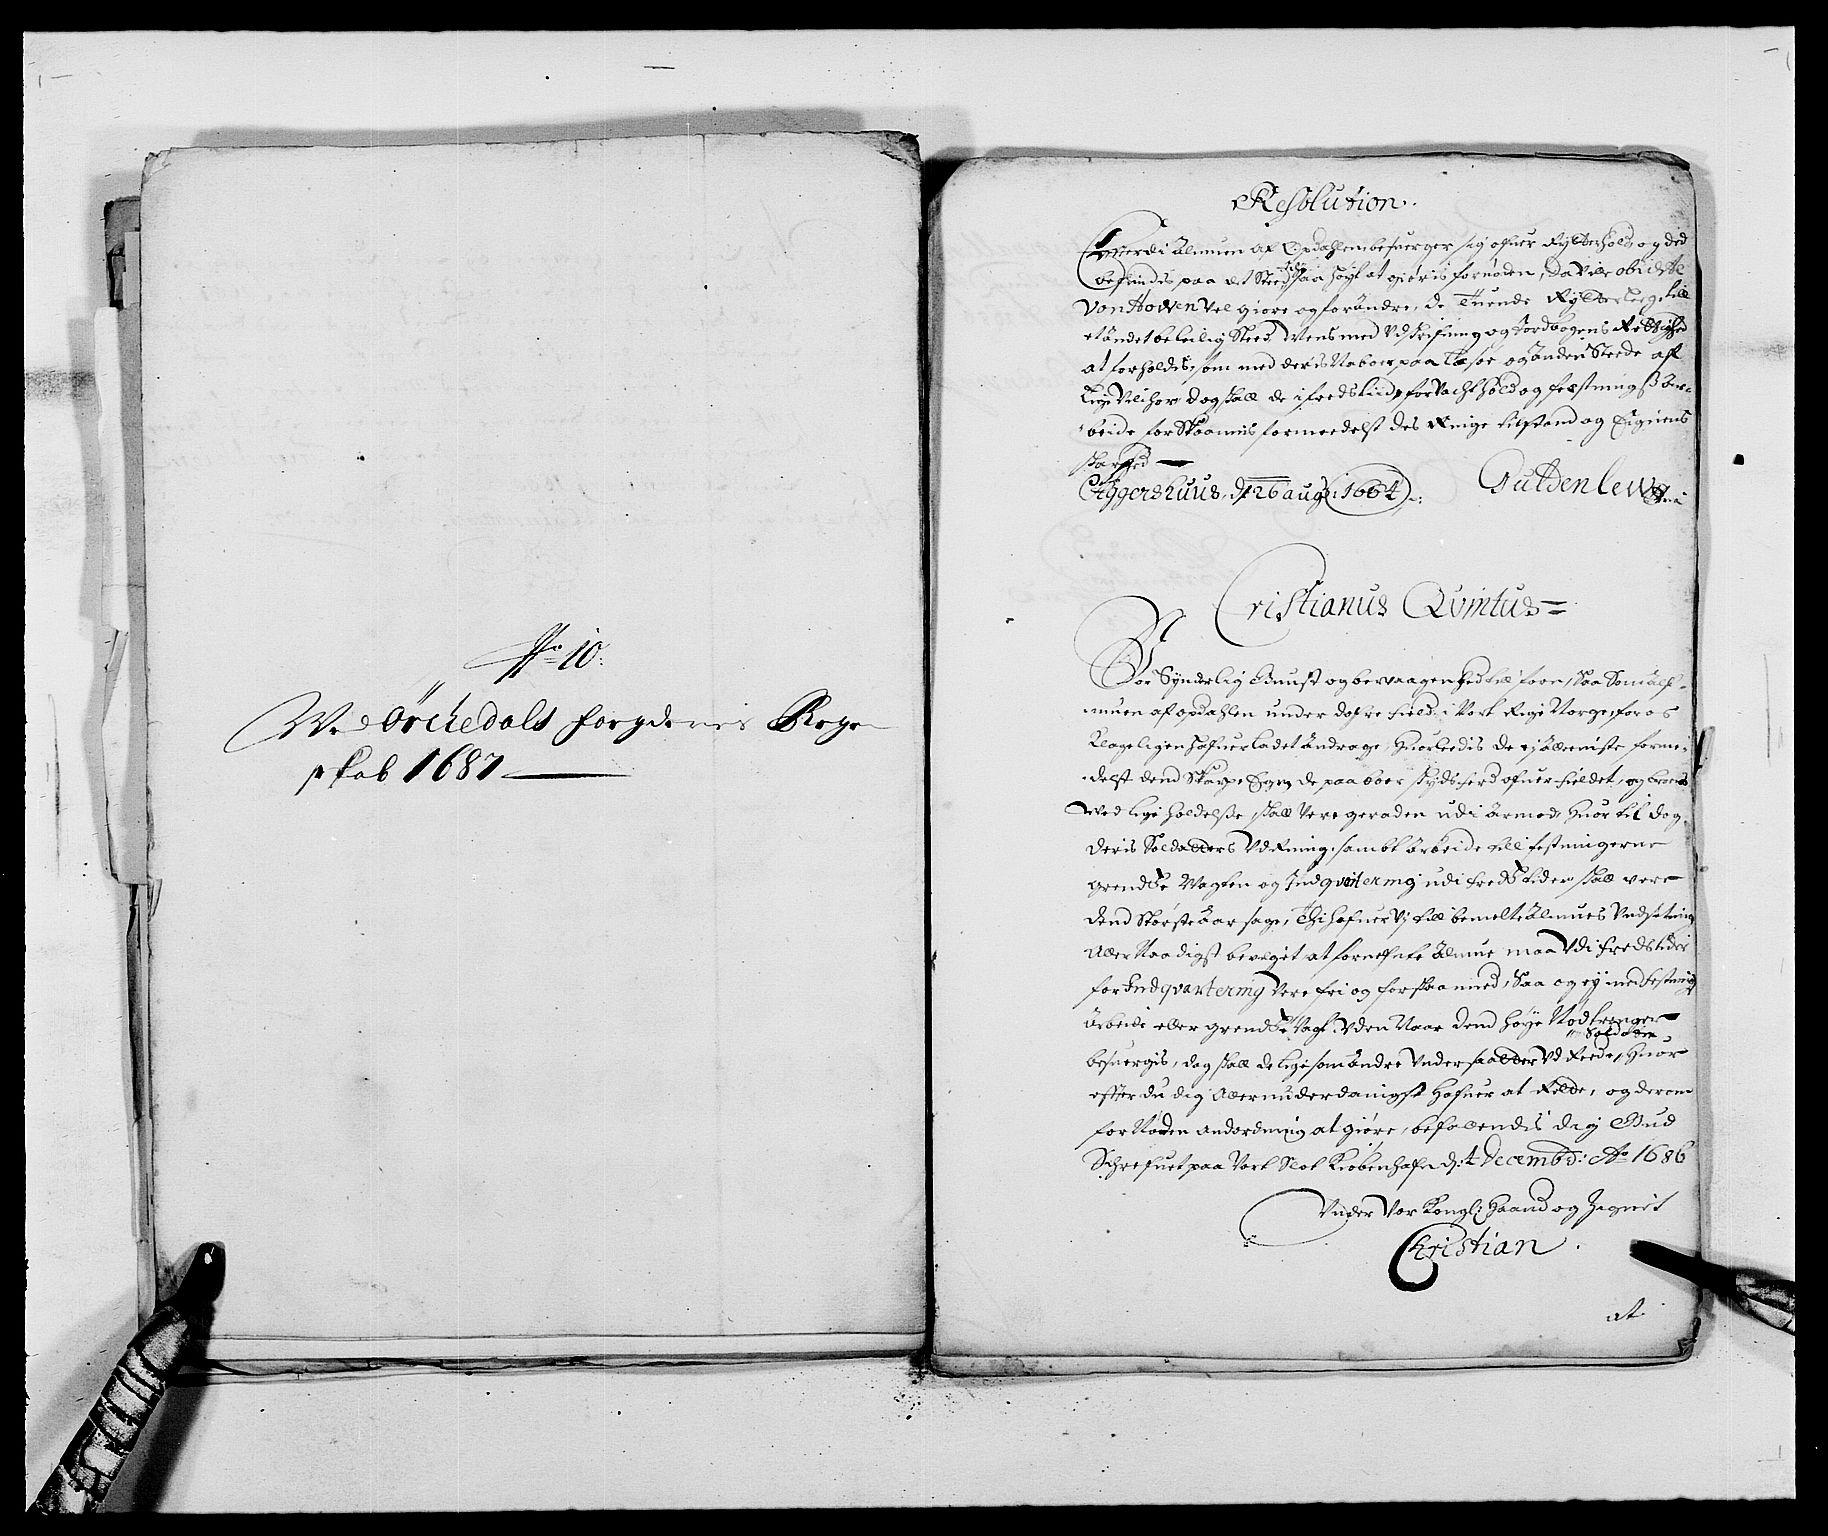 RA, Rentekammeret inntil 1814, Reviderte regnskaper, Fogderegnskap, R58/L3935: Fogderegnskap Orkdal, 1687-1688, s. 175